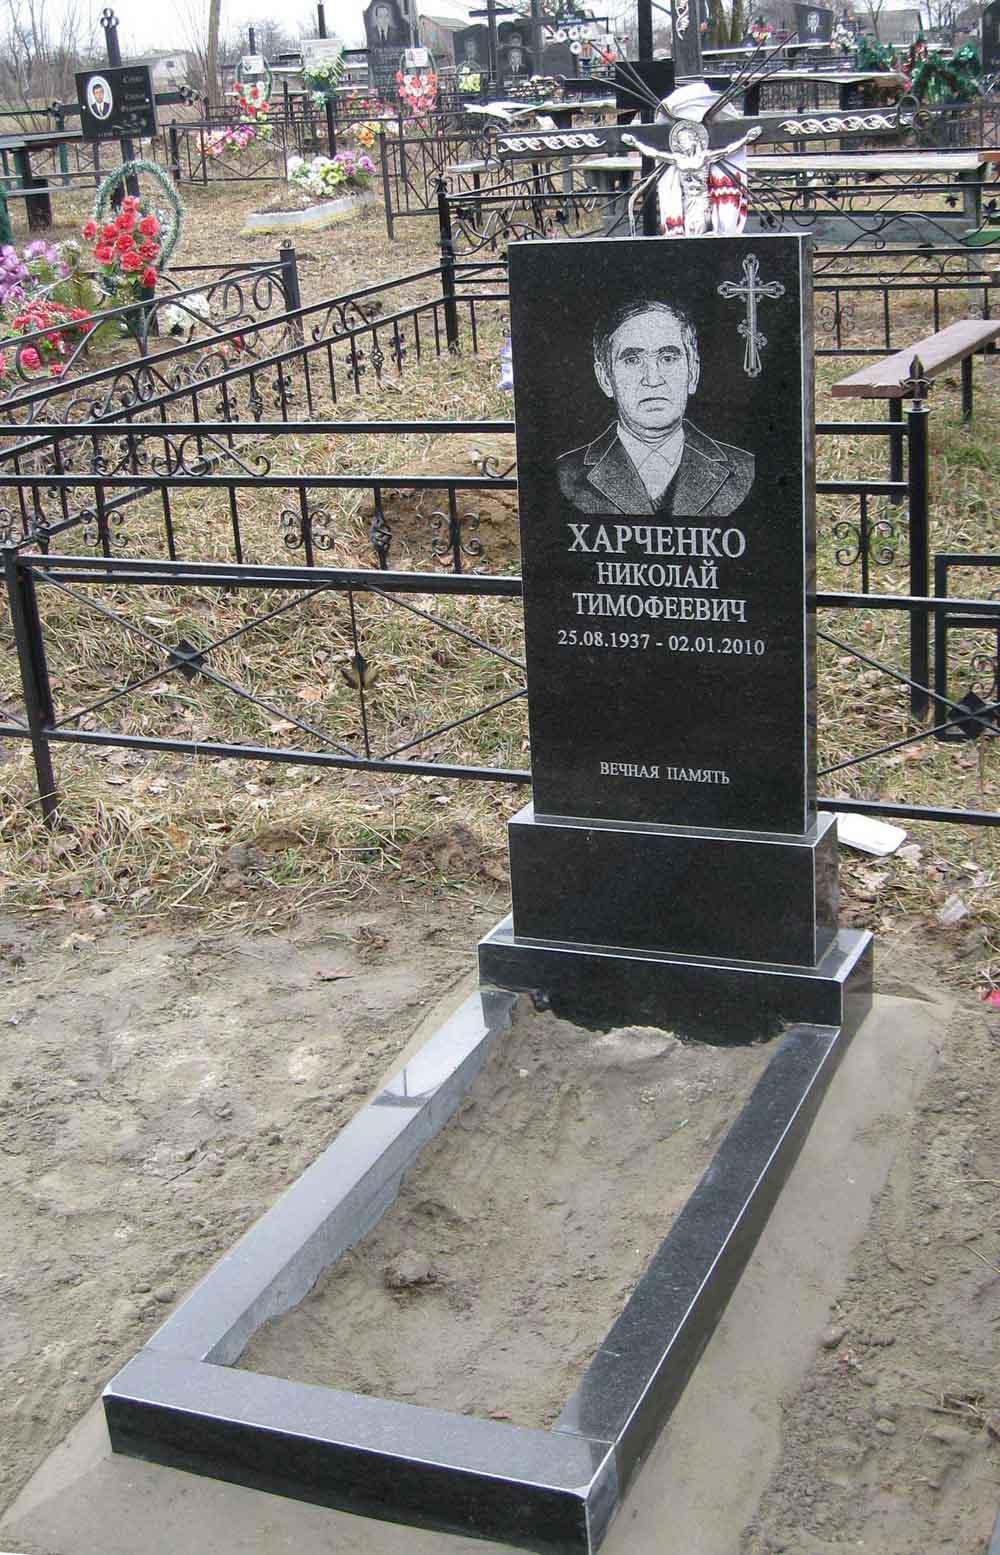 Гранитные памятники недорого Немешаево, купить, заказать, продажа